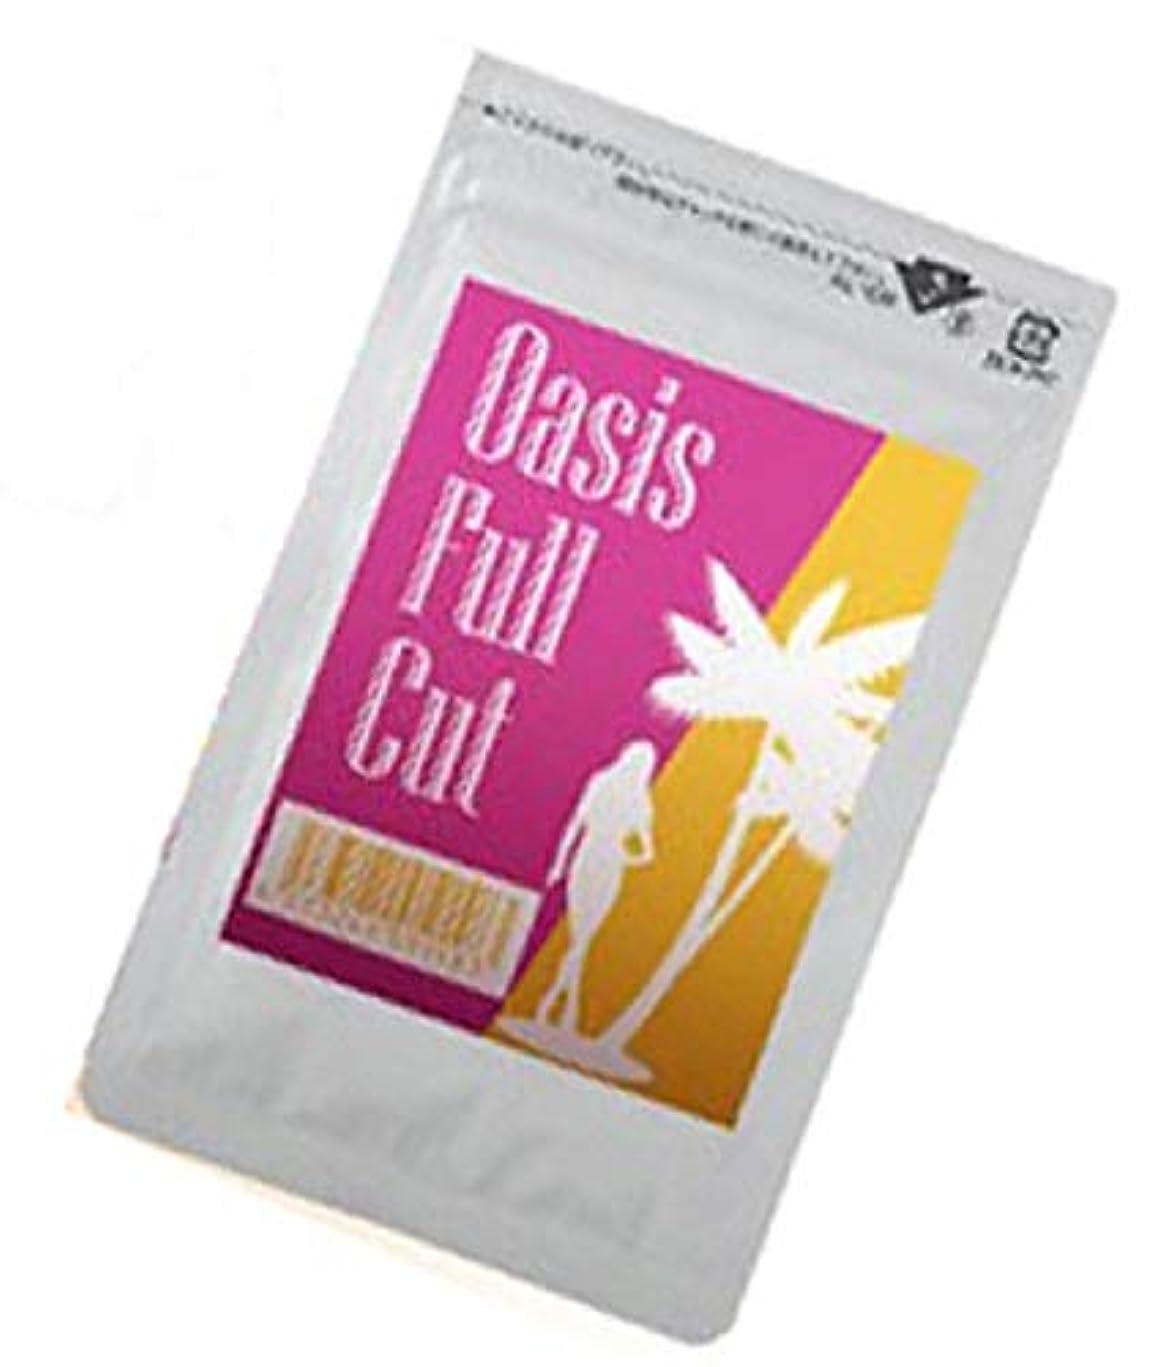 その間料理をする完全に乾くオアシスフルカット Oasis Full Cut ダイエットドリンク